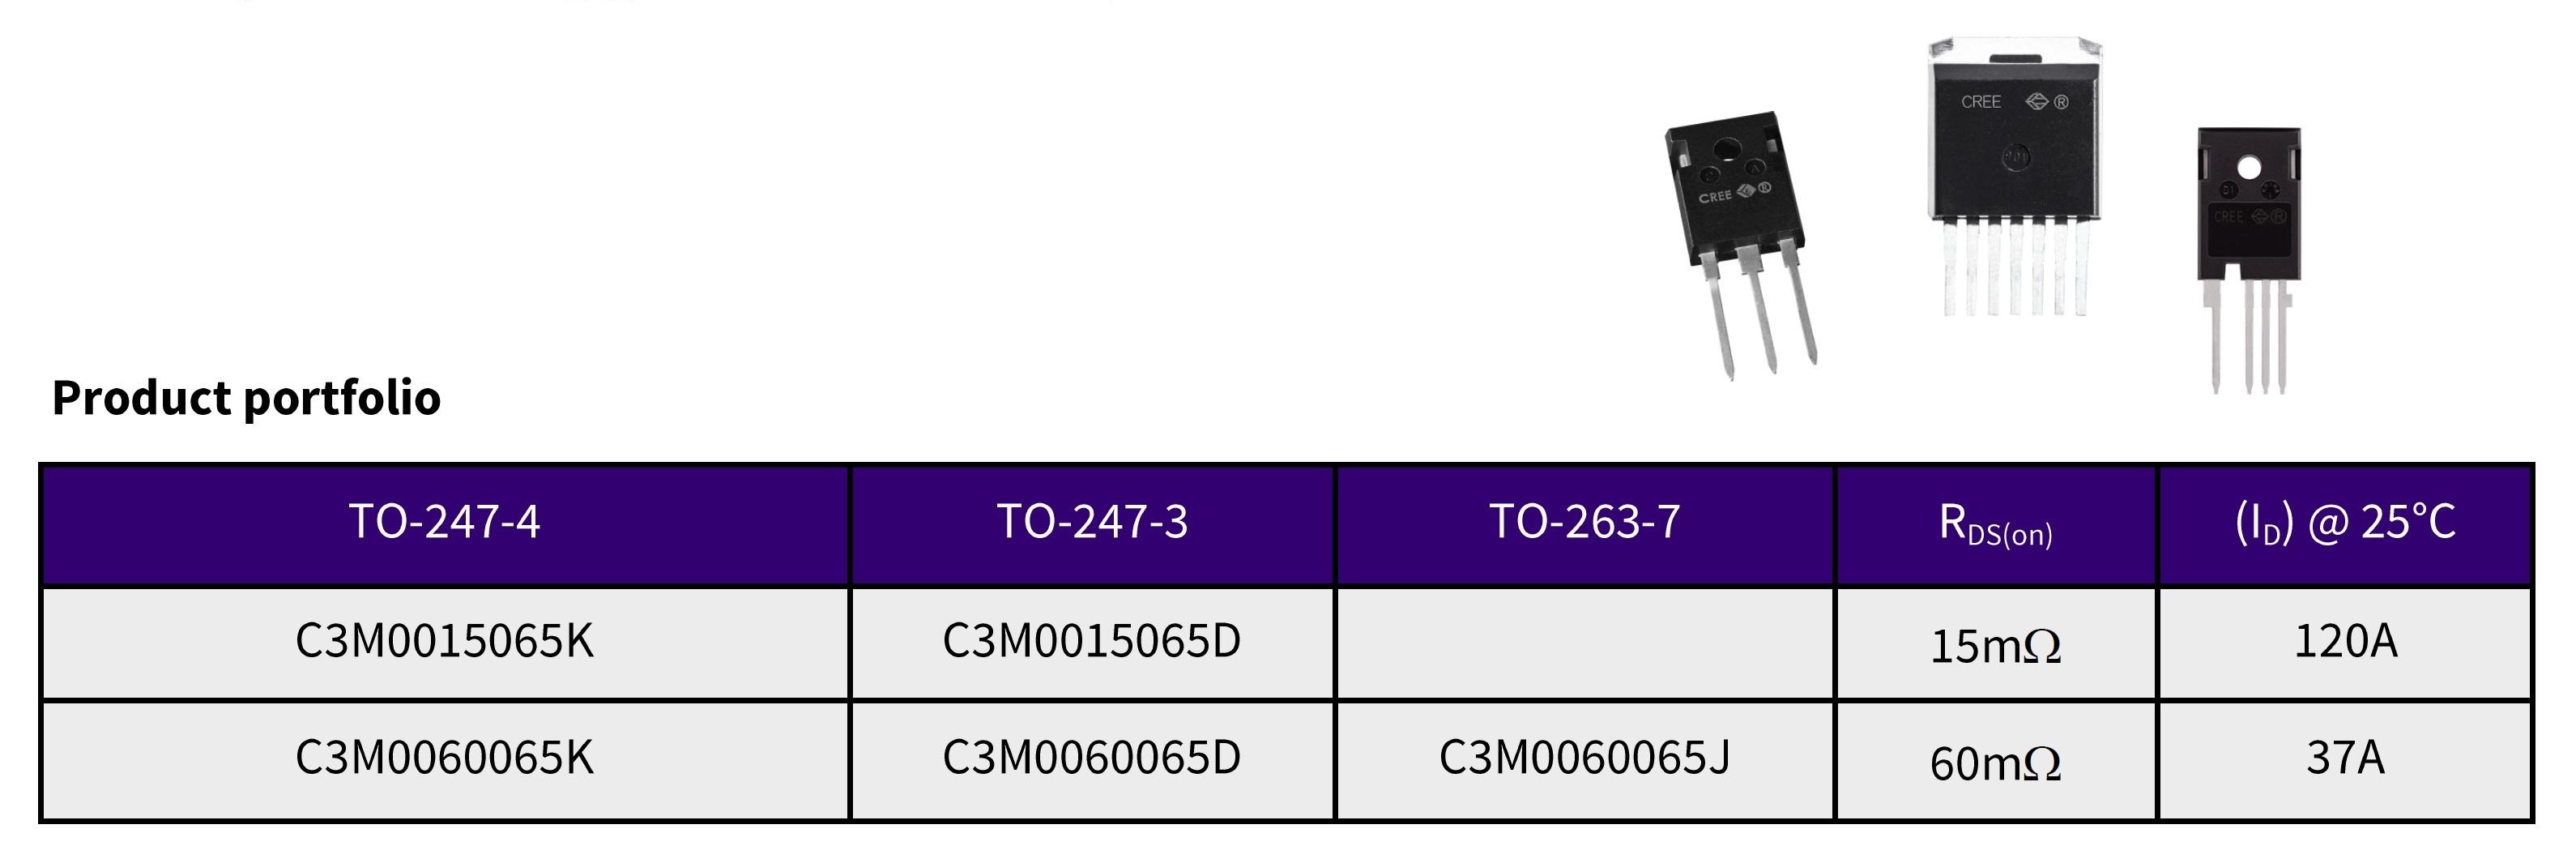 科锐推出新型650V MOSFET,提供业界领先效率,助力新一代电动汽车、数据中心、太阳能应用